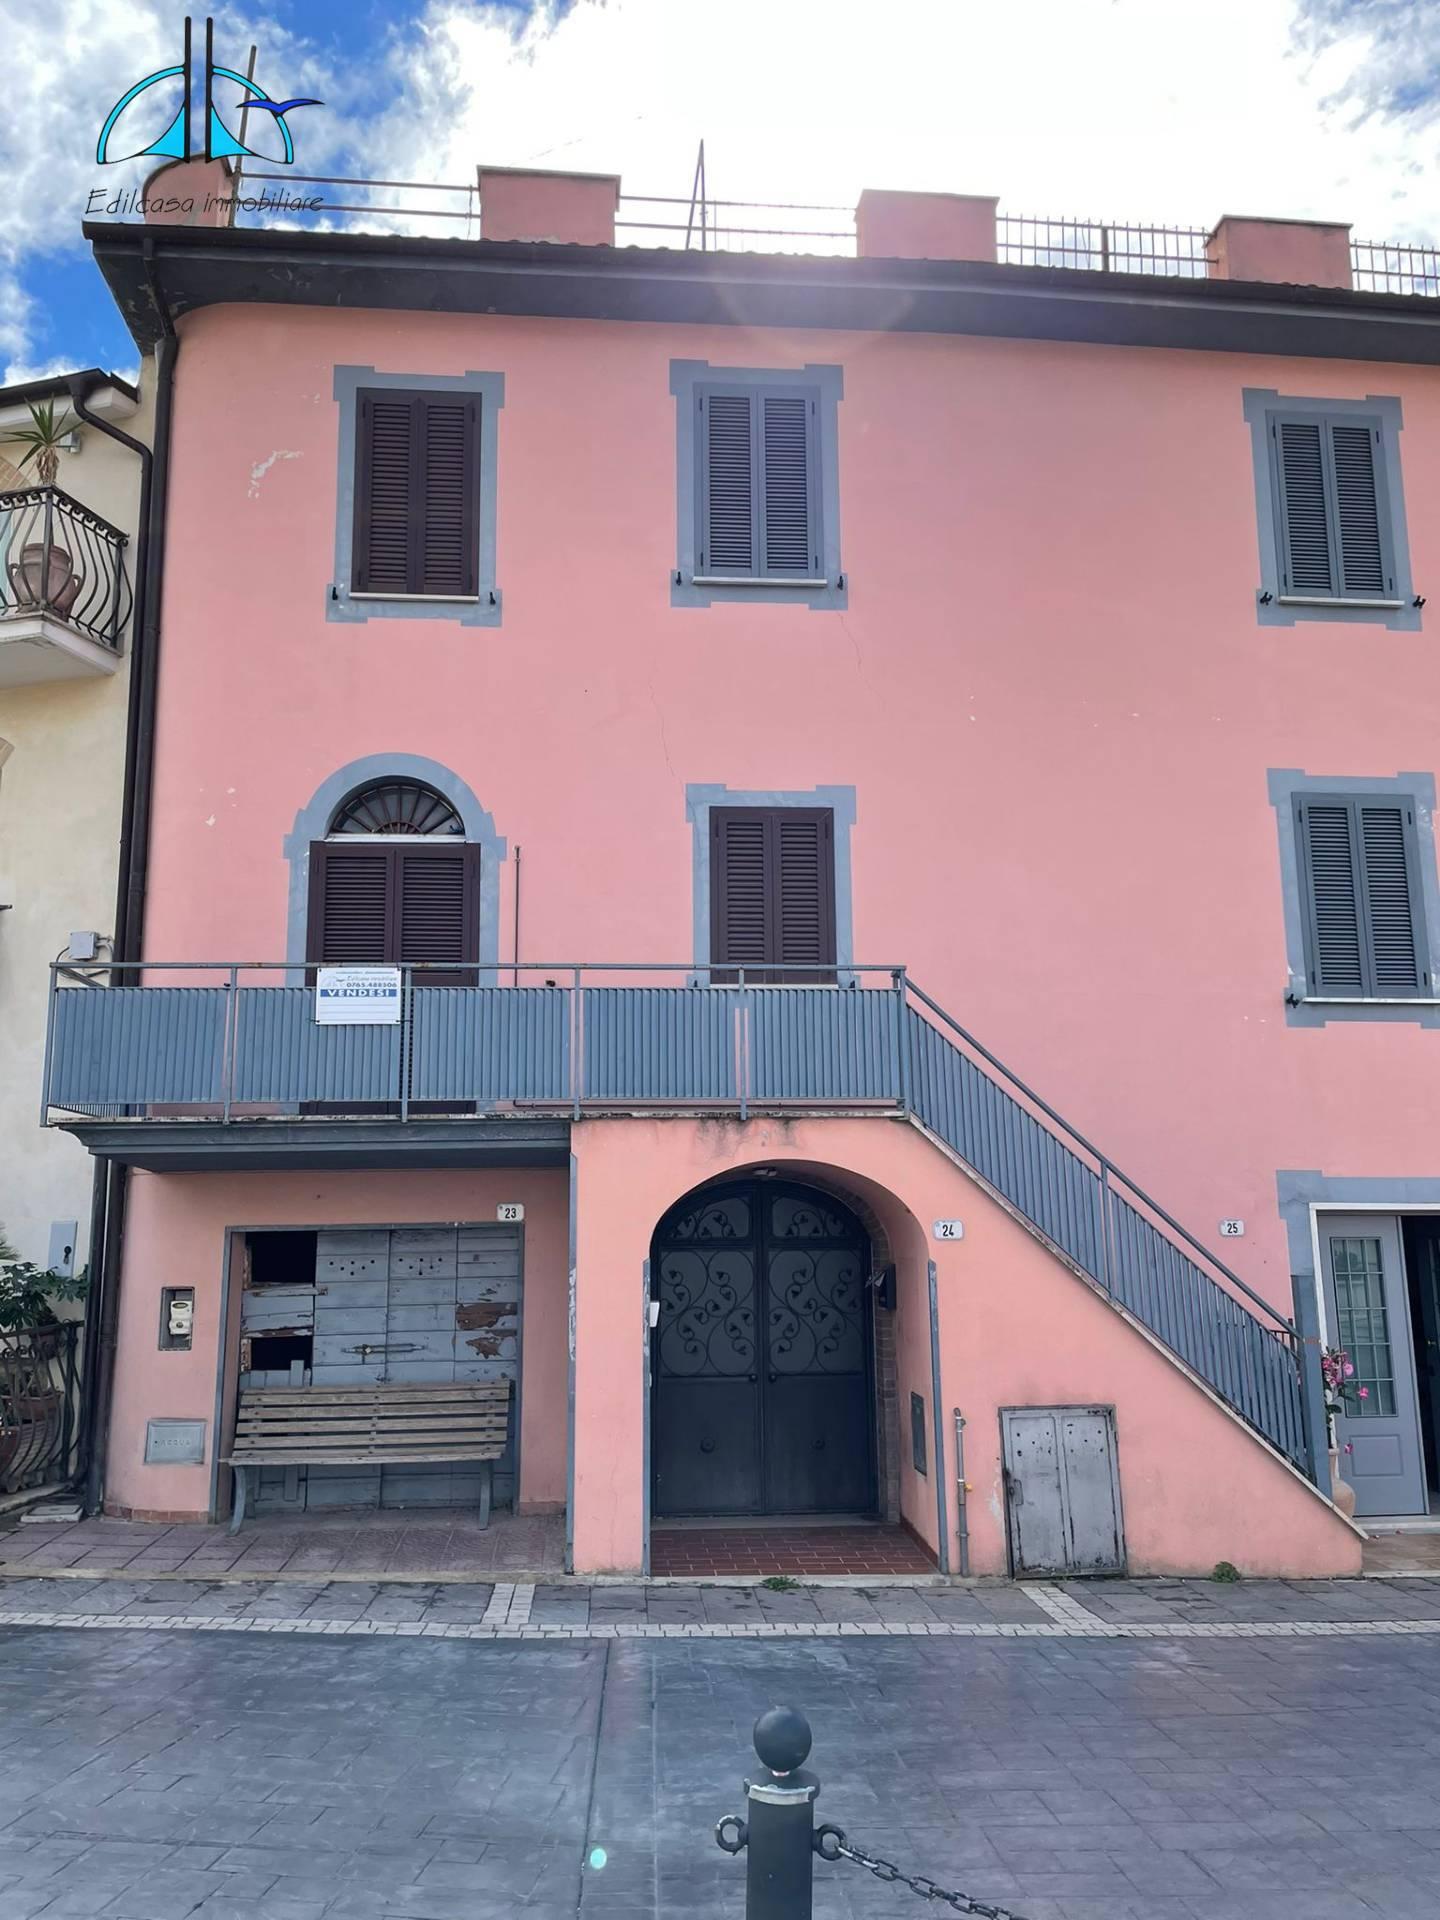 Appartamento in vendita a Fara in Sabina, 3 locali, zona eto, prezzo € 39.000 | PortaleAgenzieImmobiliari.it